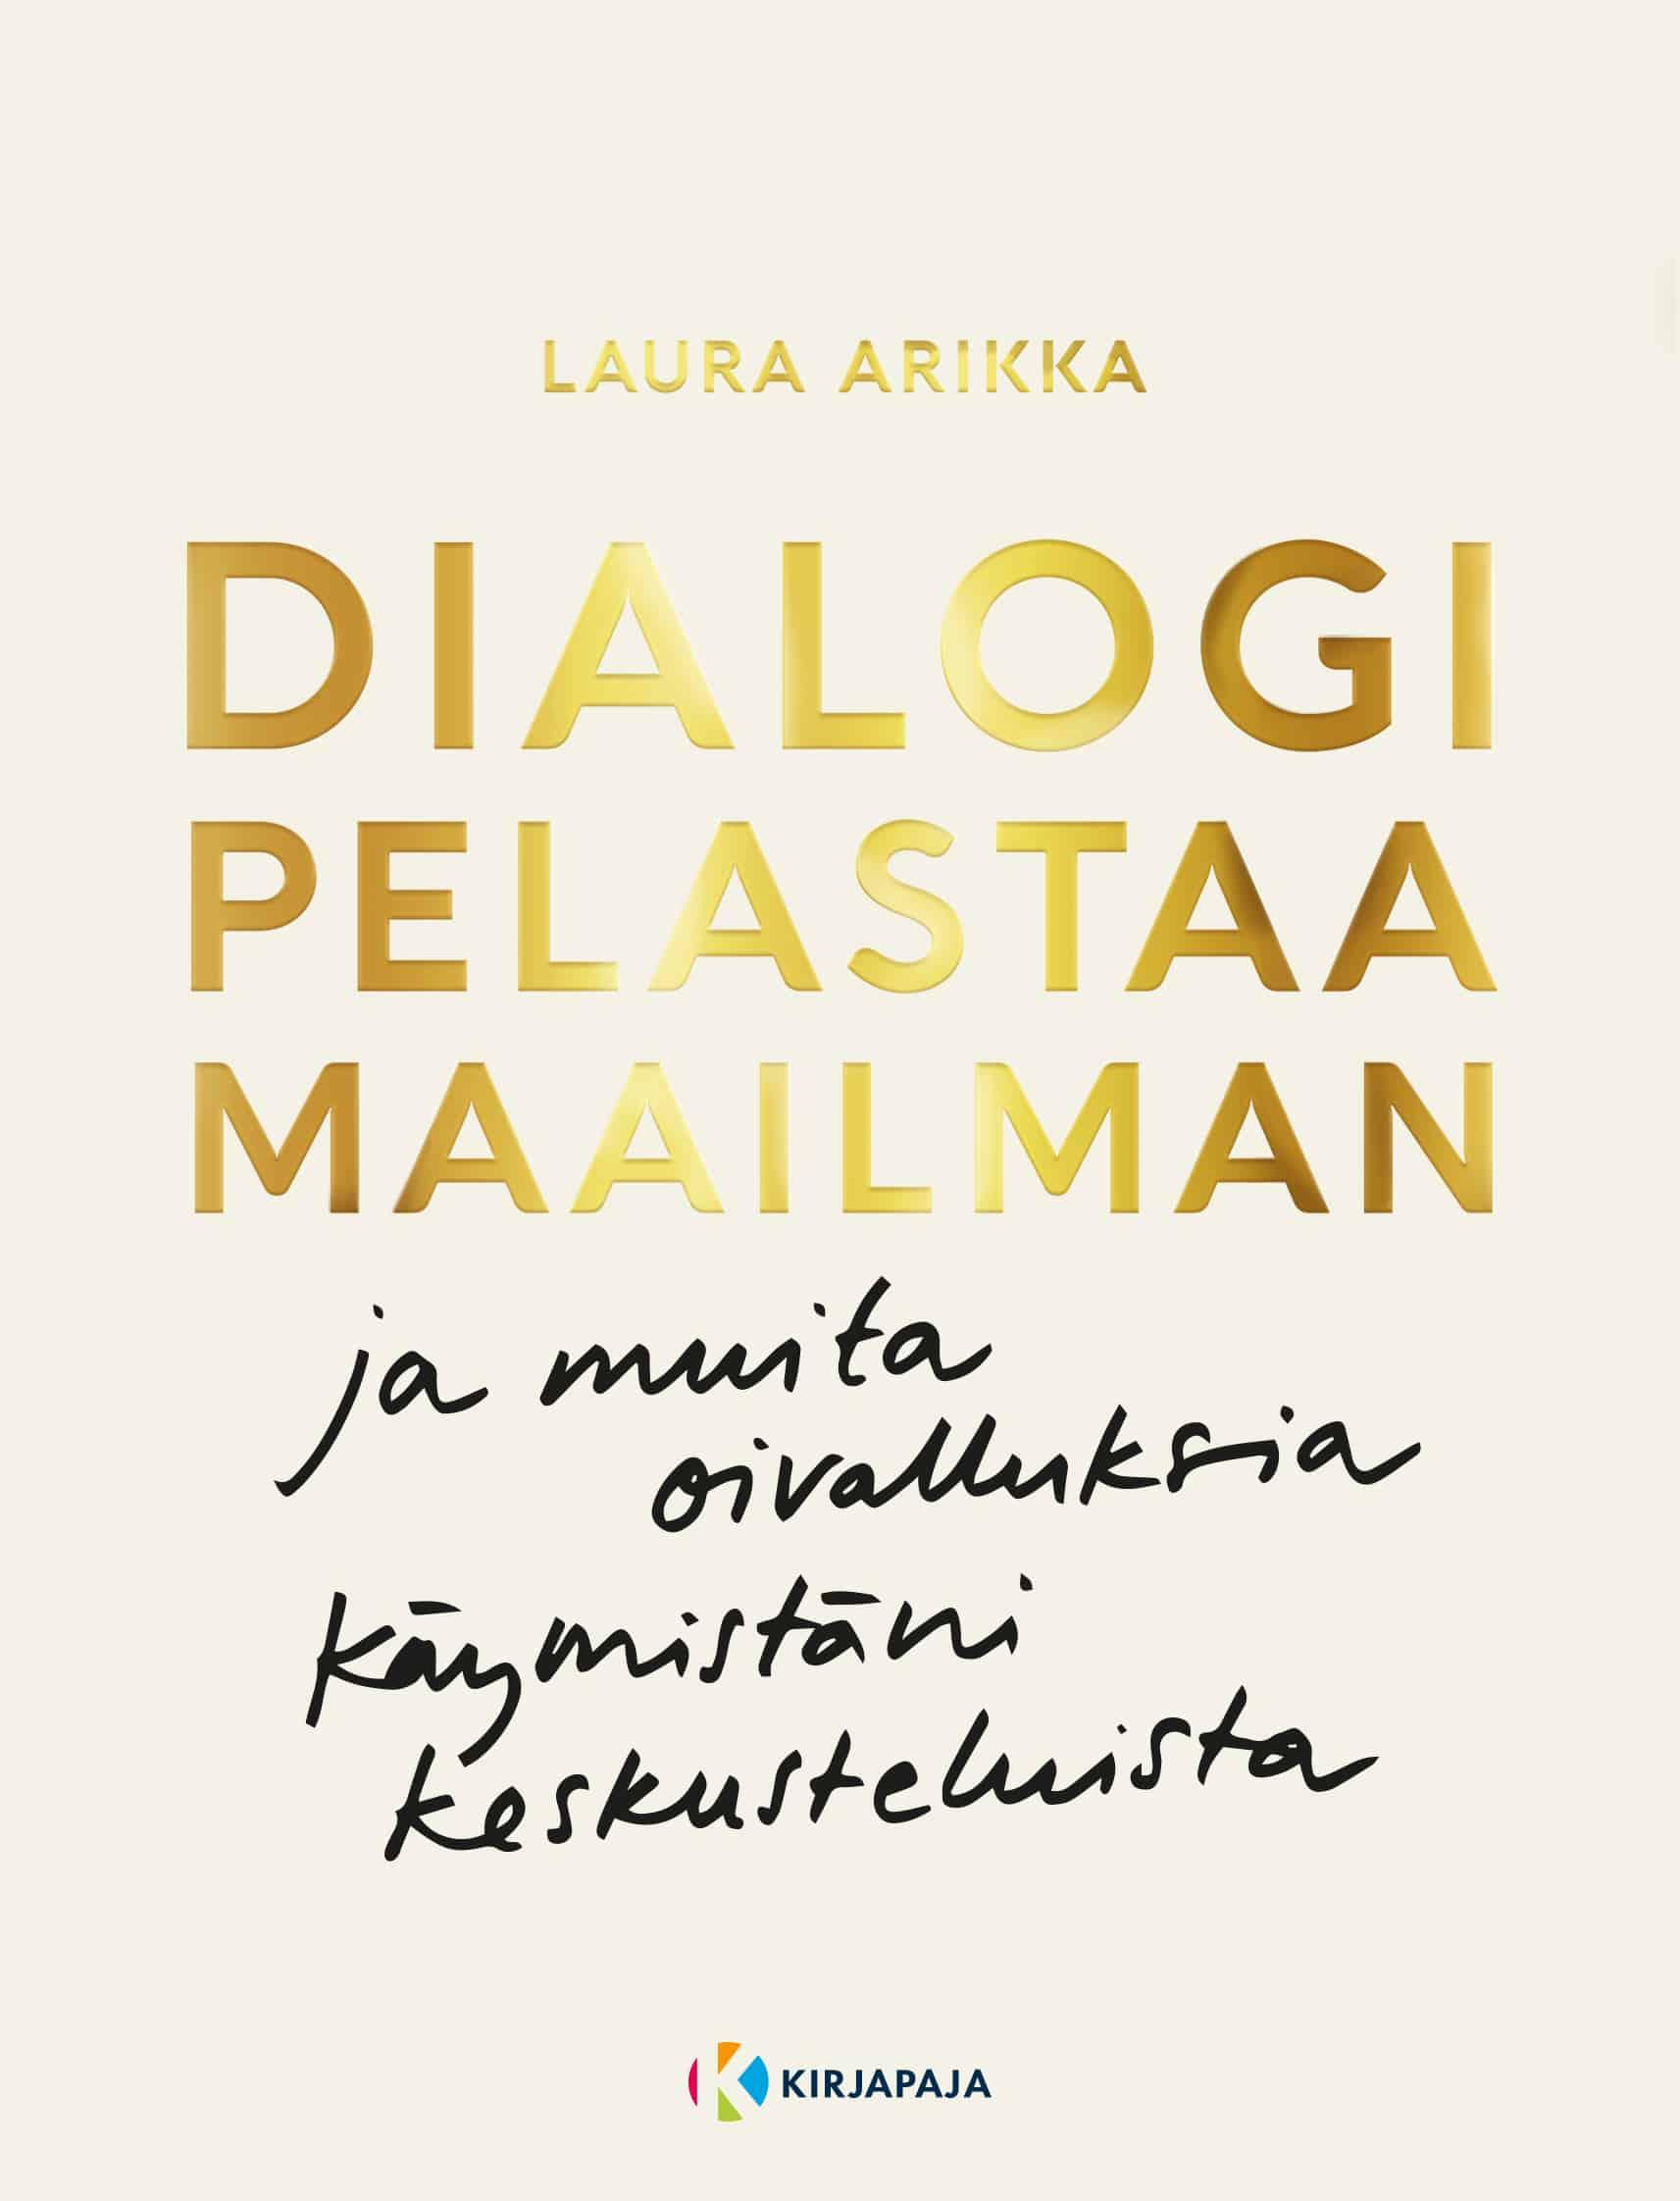 Dialogi pelastaa maailman